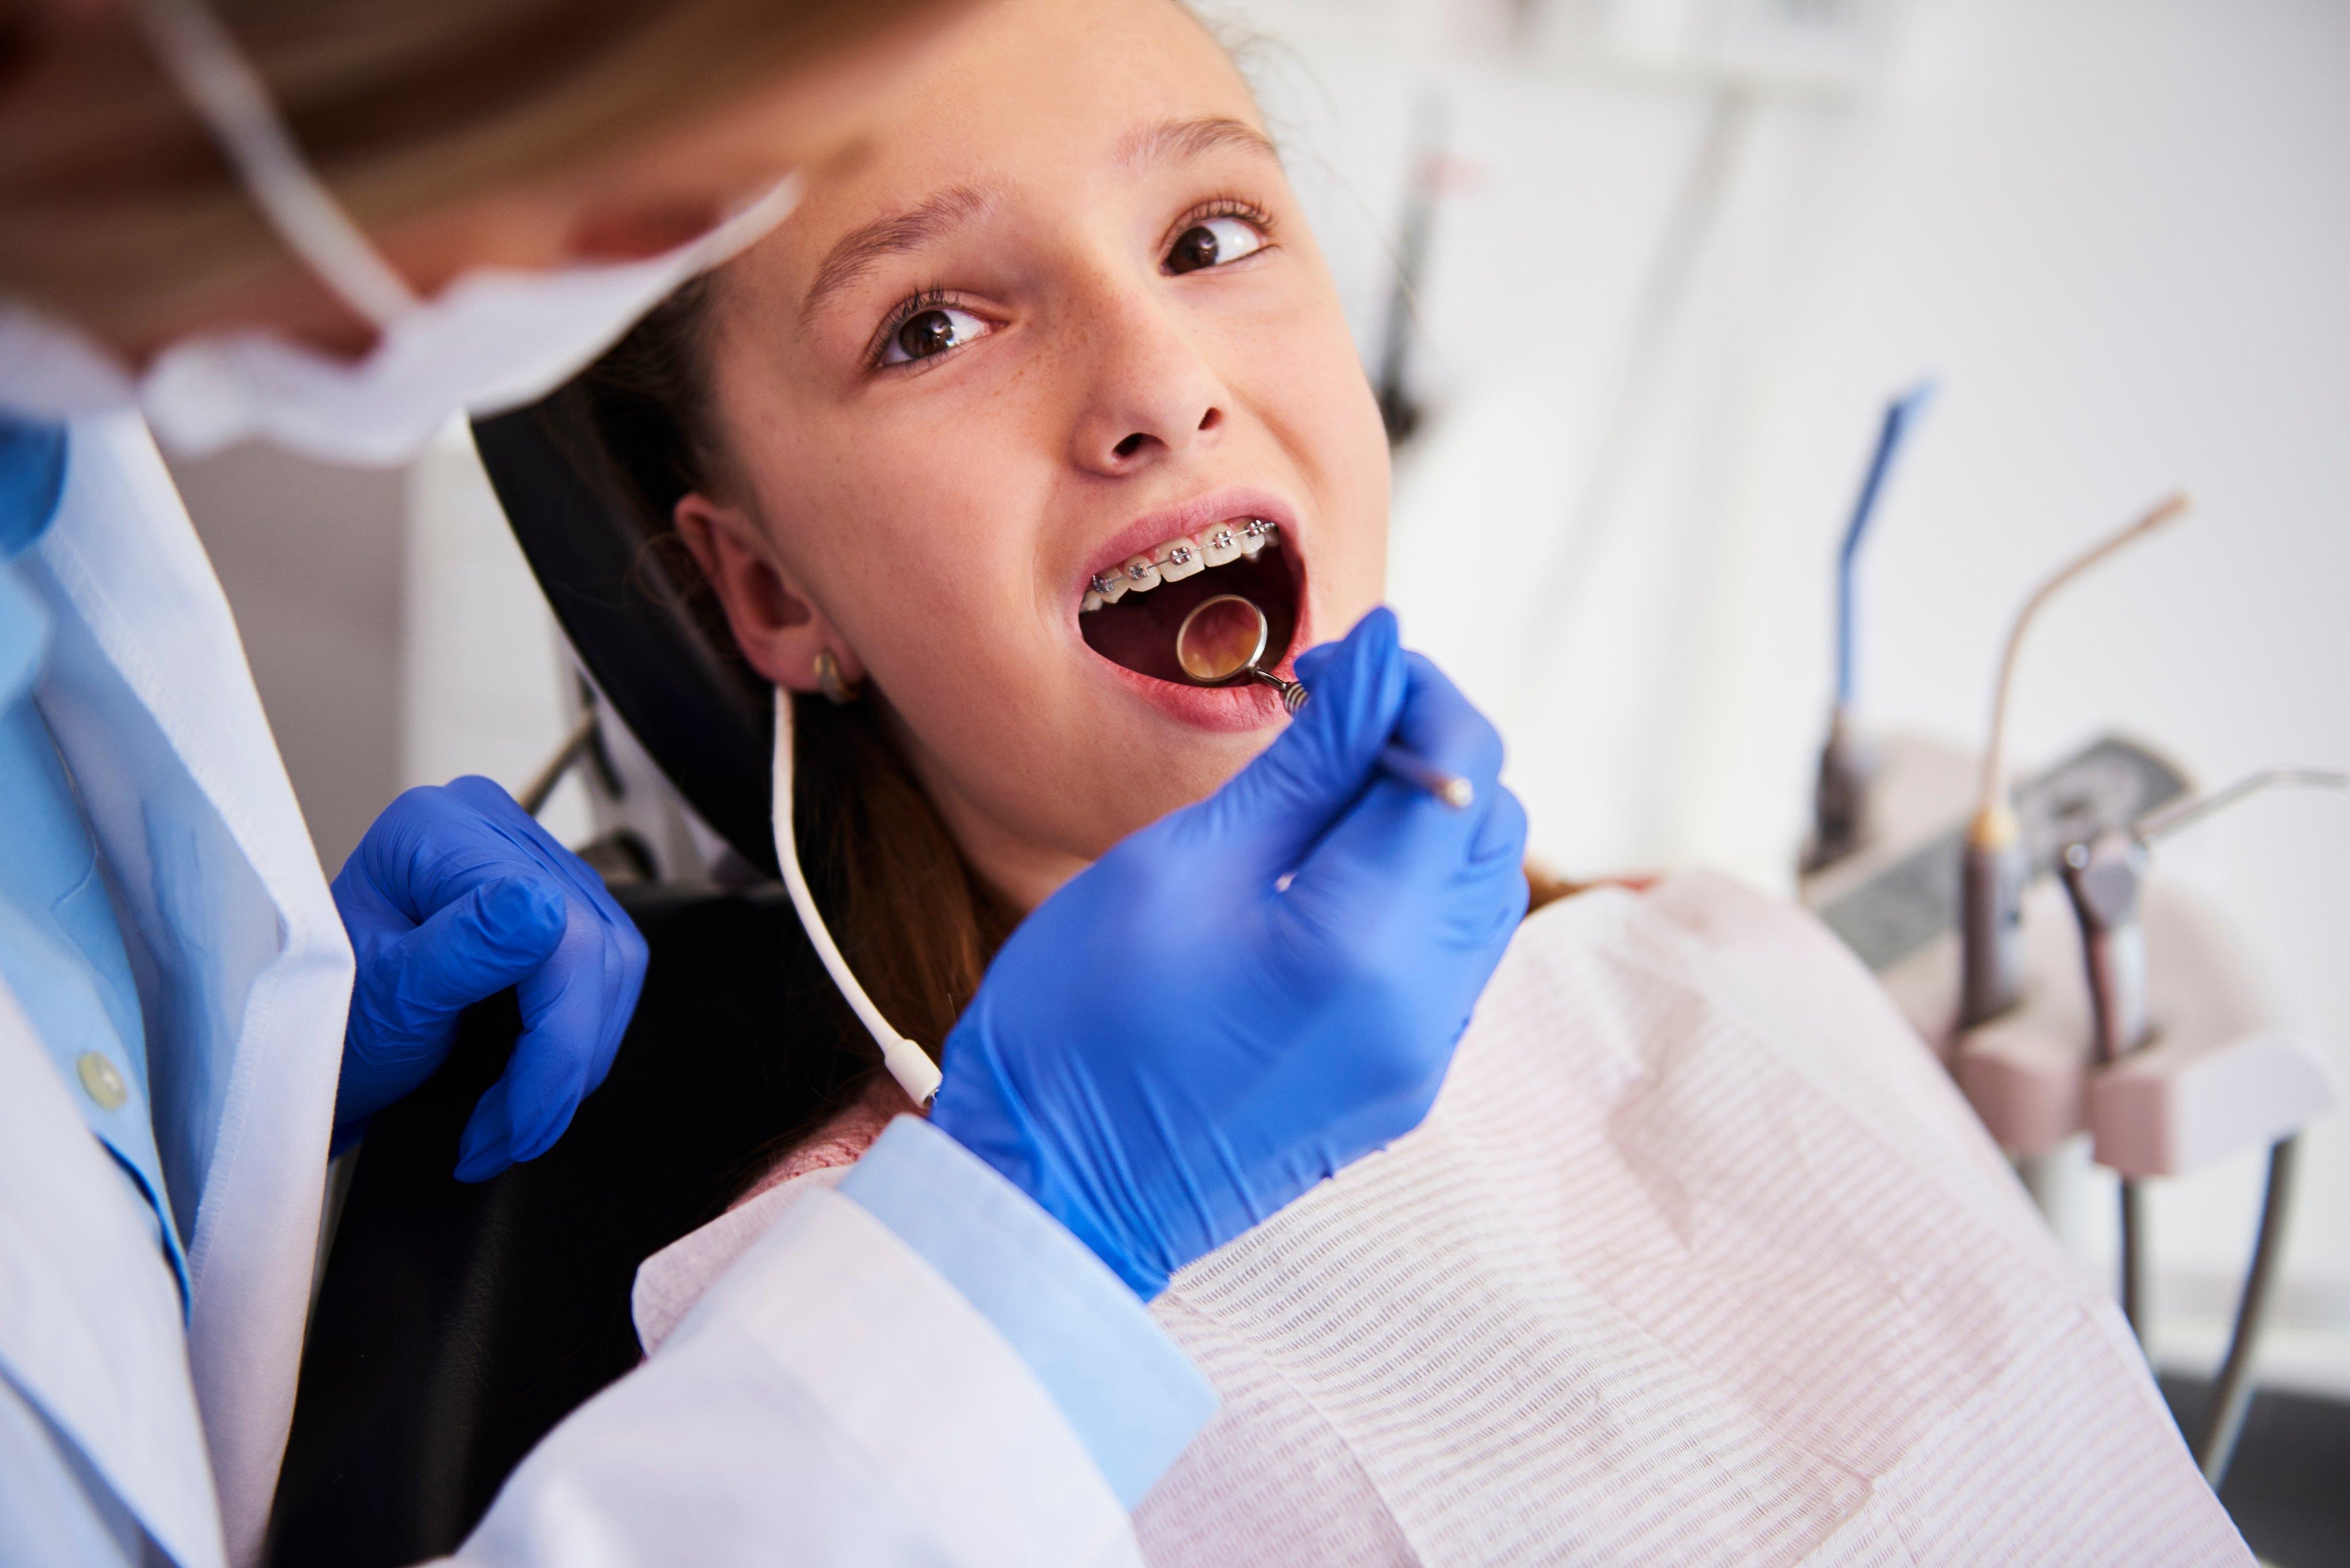 Bambini, la salute dei denti ai tempi del Covid: i consigli degli specialistiASIO